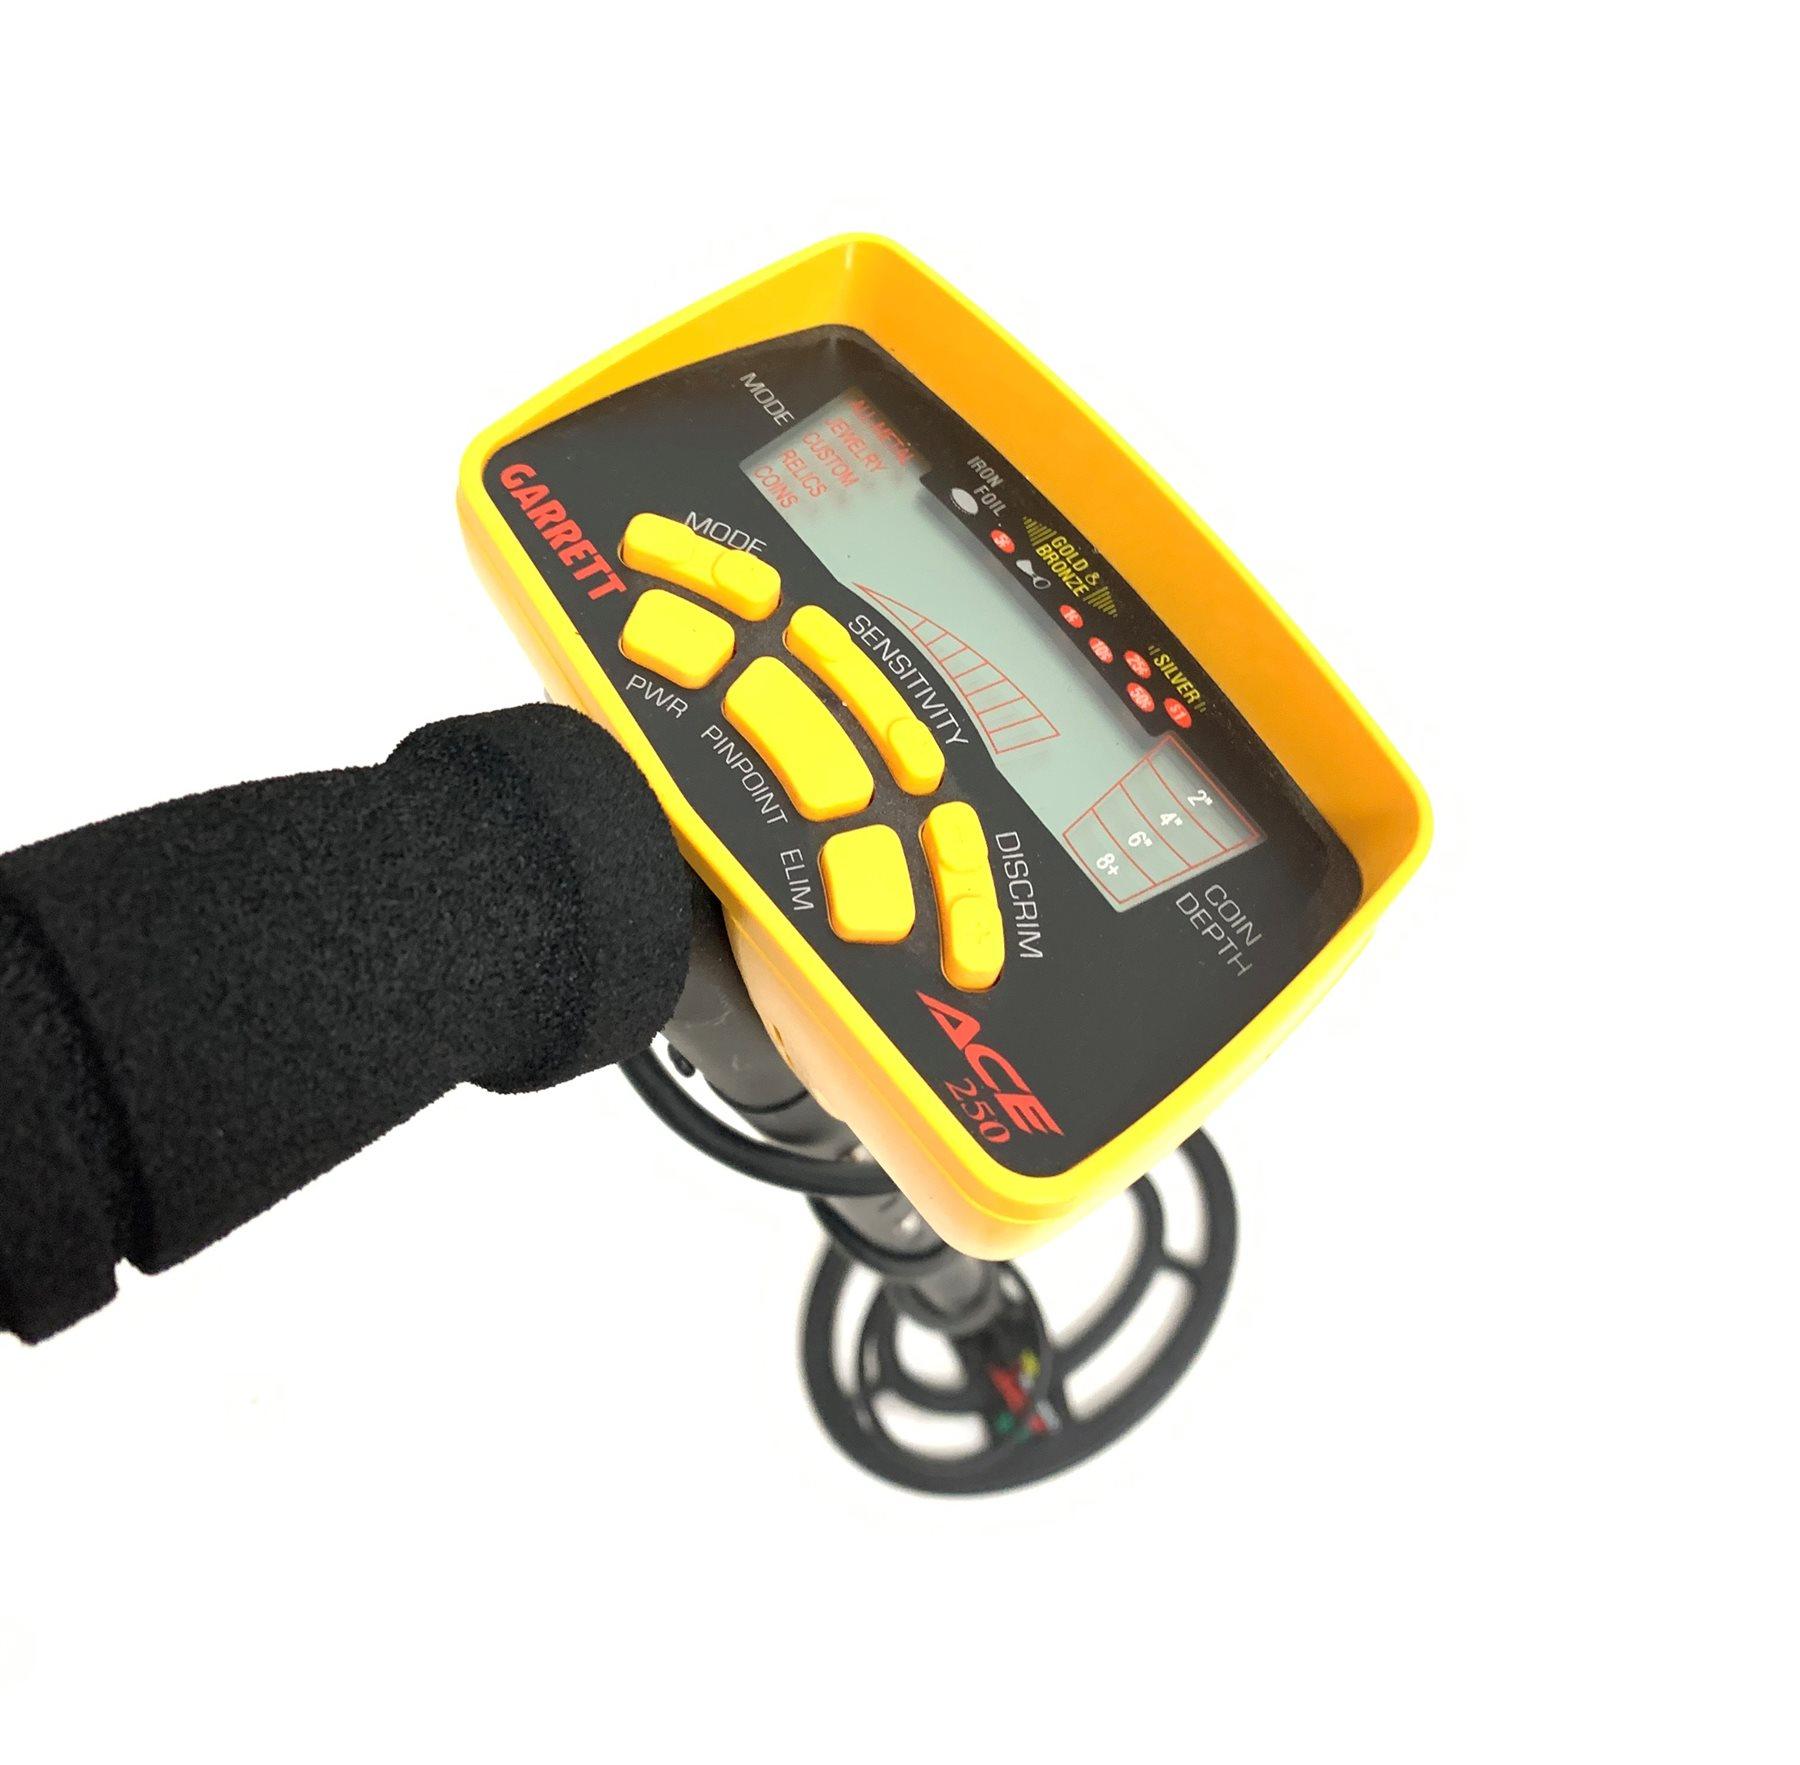 Garrett Ace 250 metal detector, H117cm - Image 2 of 3